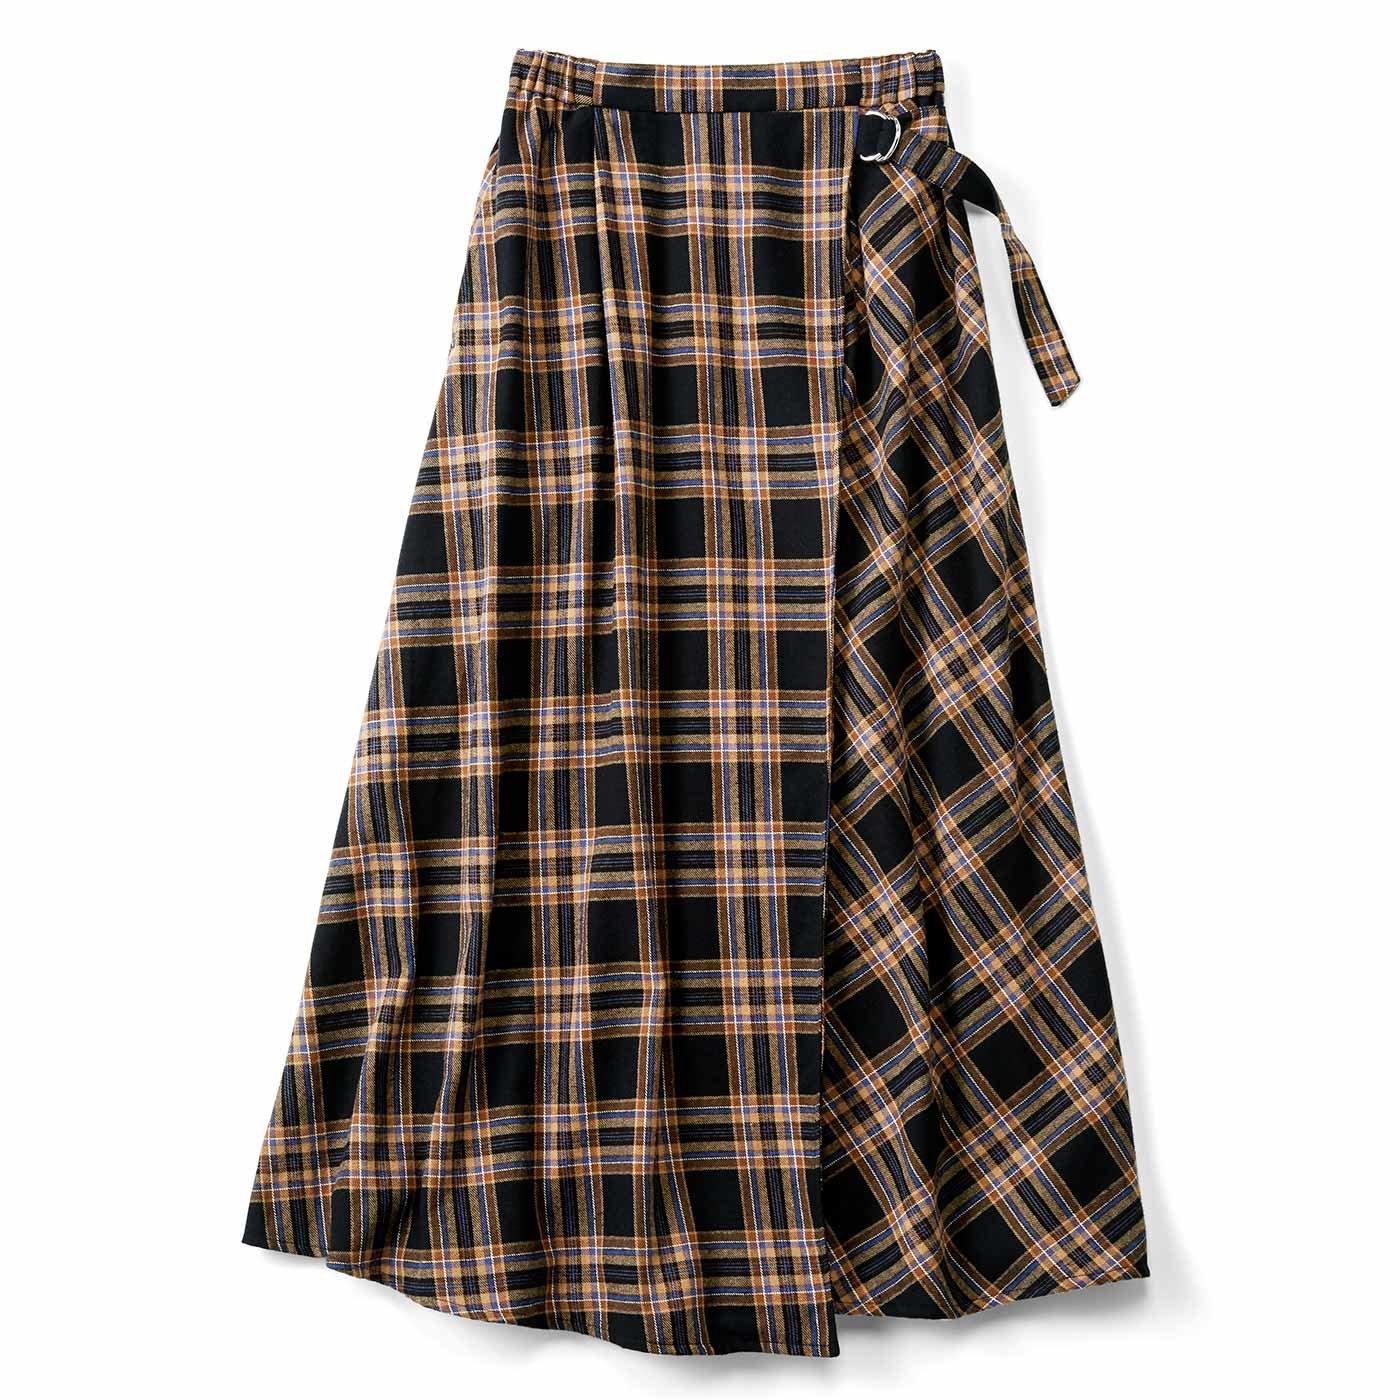 リブ イン コンフォート はくだけで即華やぐ! 大人チェック柄の巻き風スカート〈ブラック〉